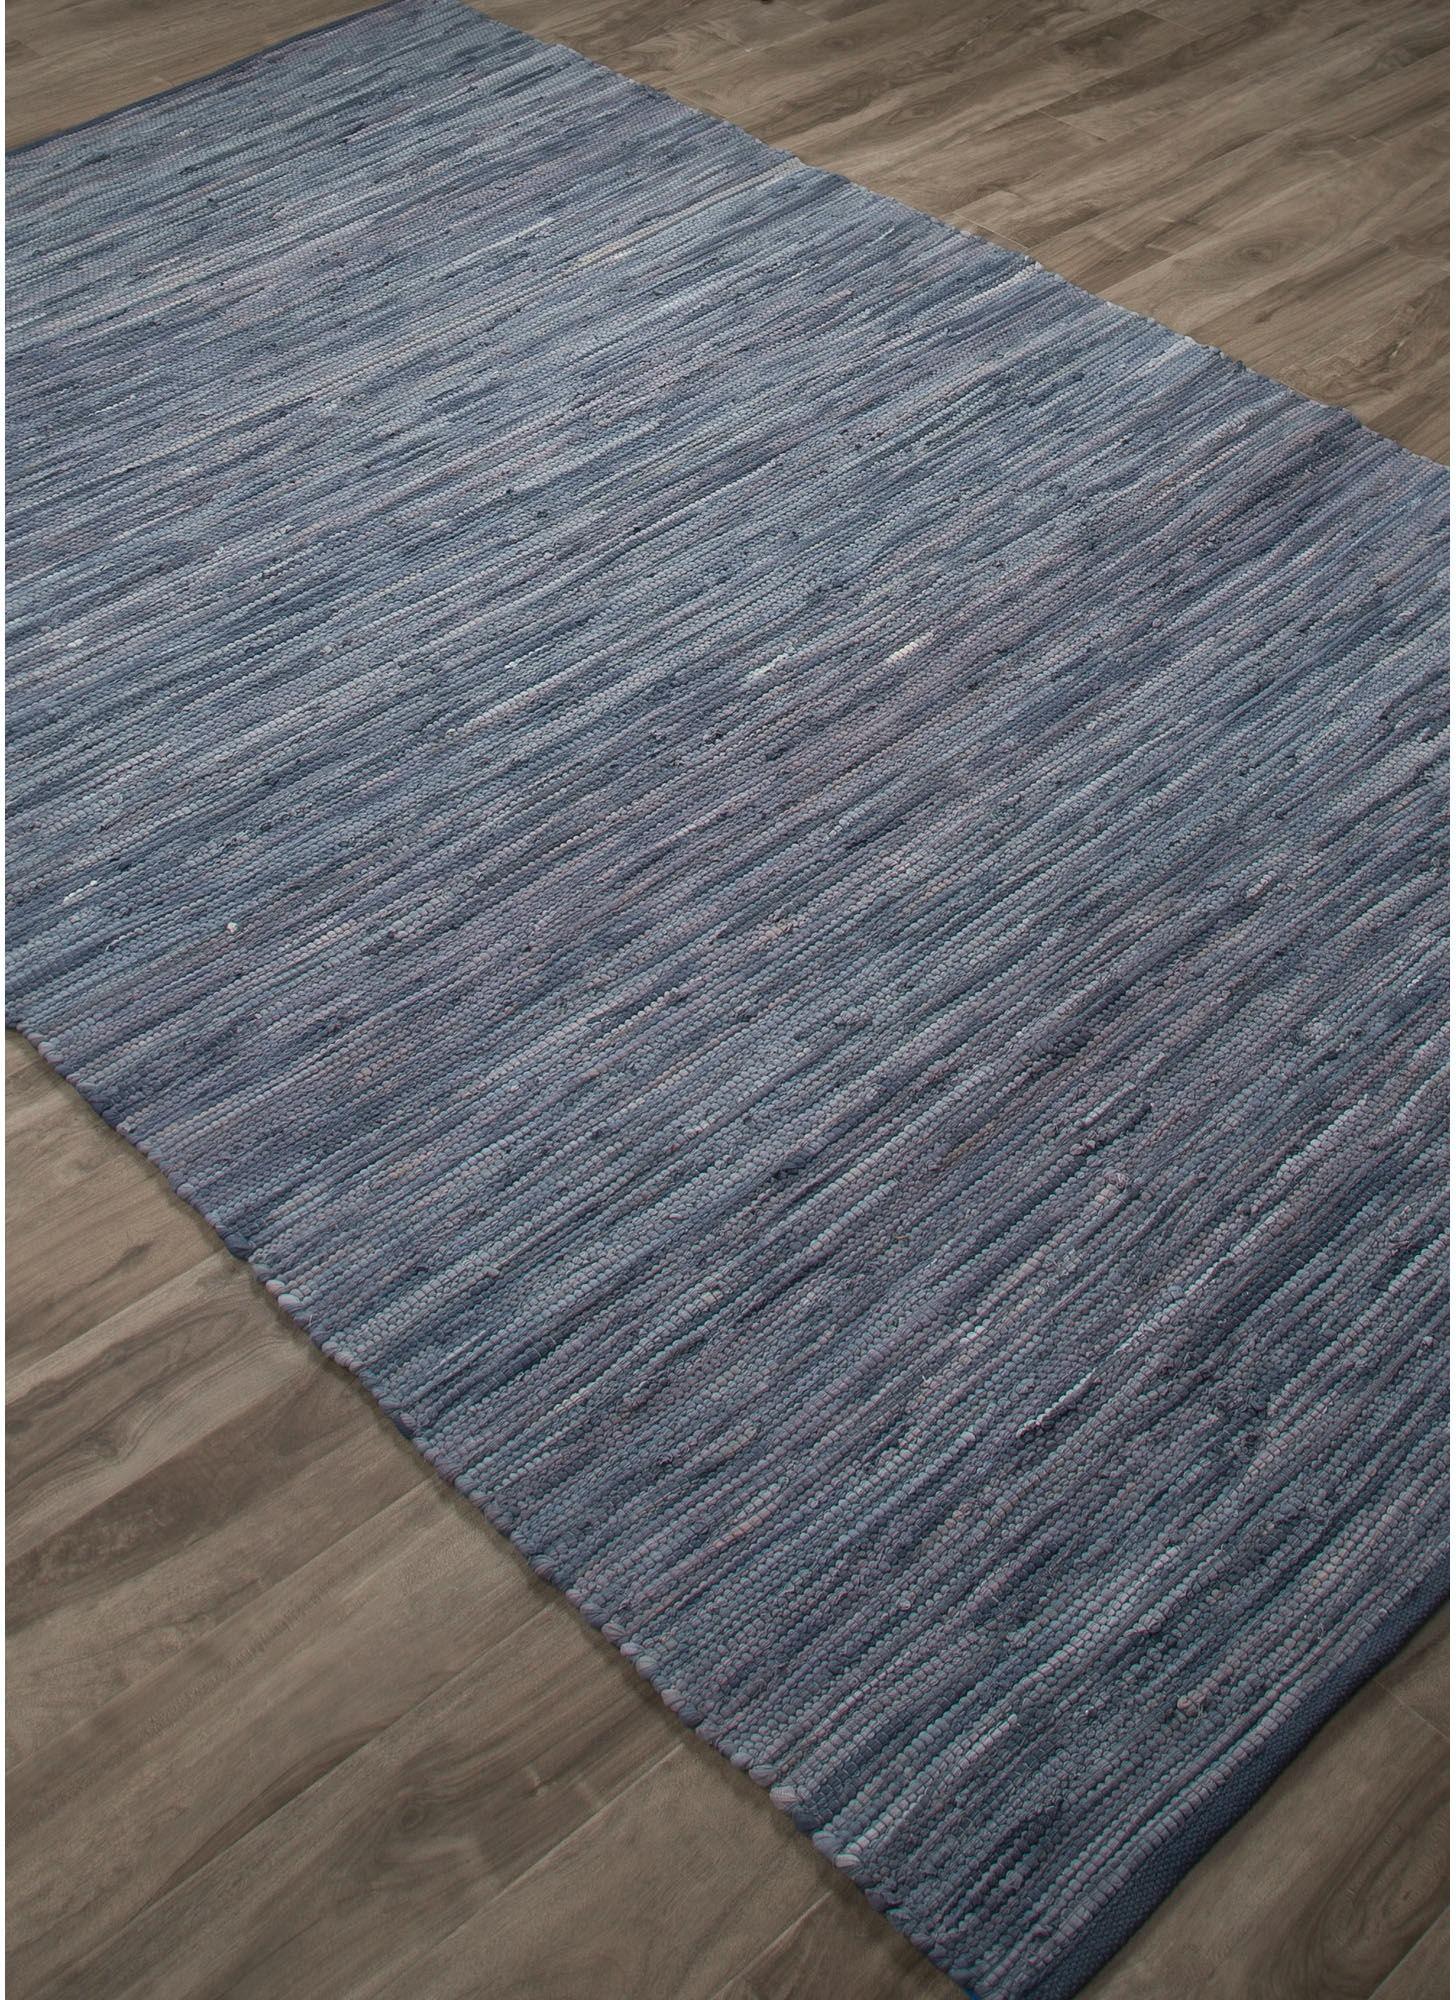 Jaipur Rugs Floor Coverings Jaipur Solids Handloom Solid Pattern Blue Cotton Area Rug Ann04